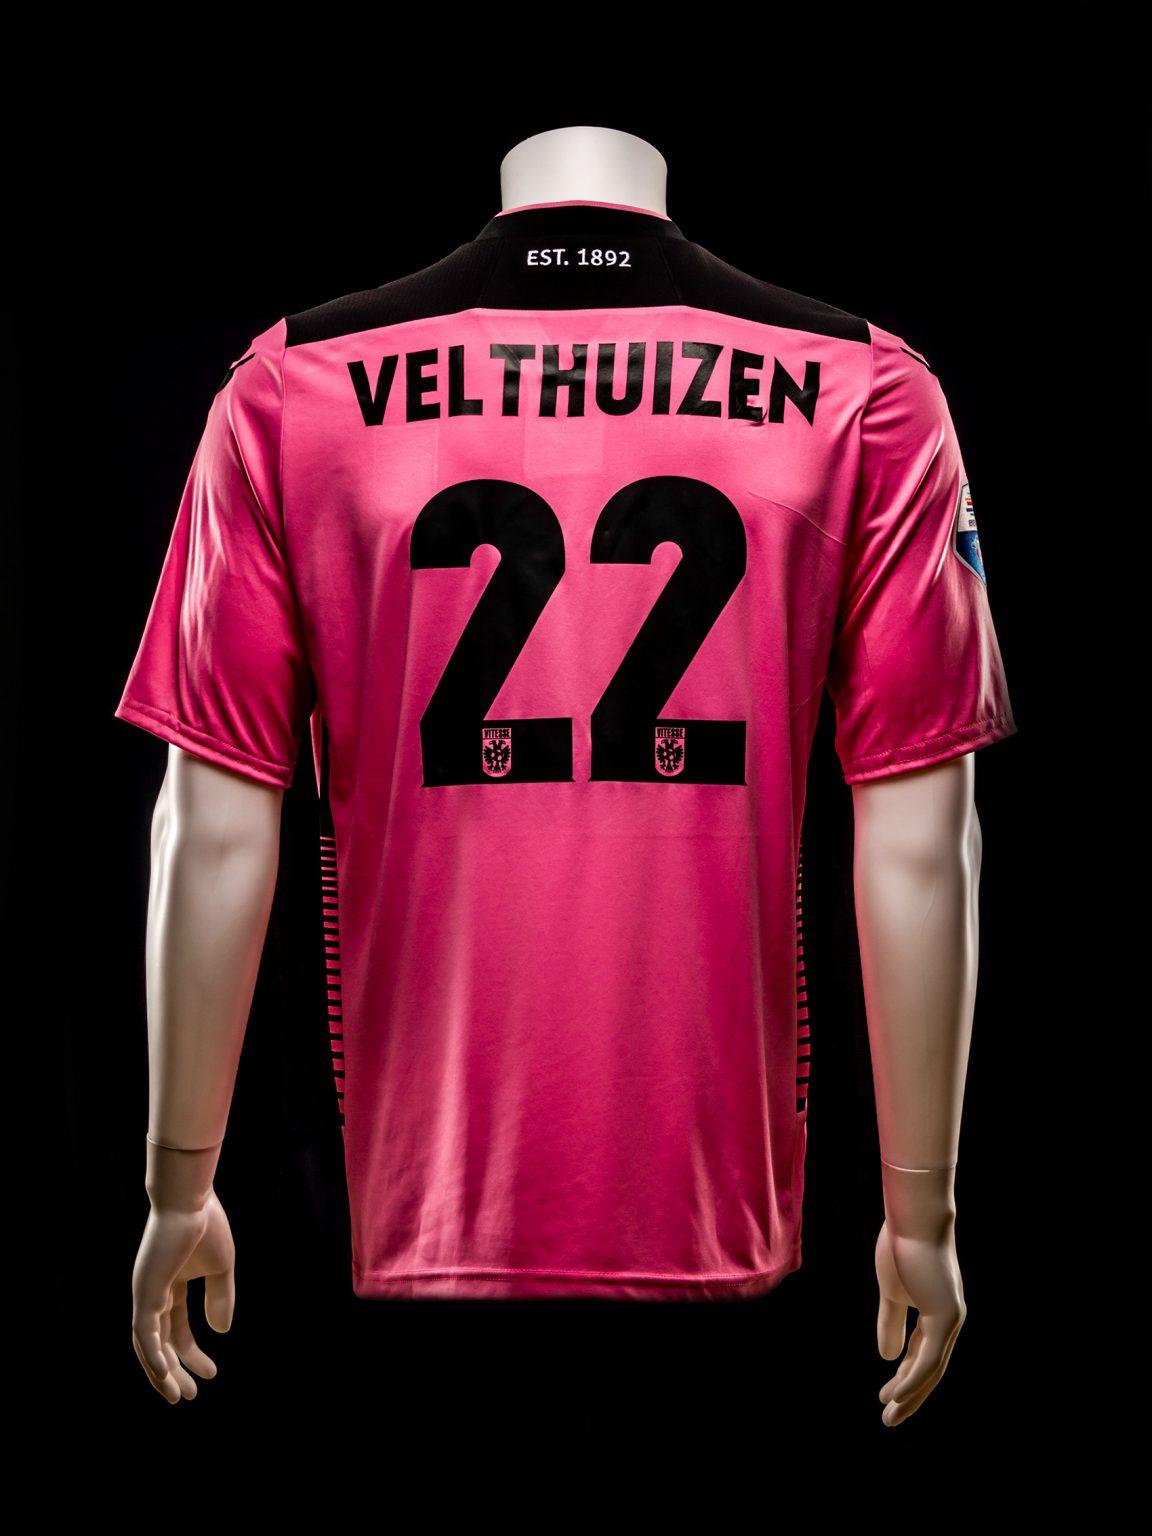 #22 Piet Velthuizen